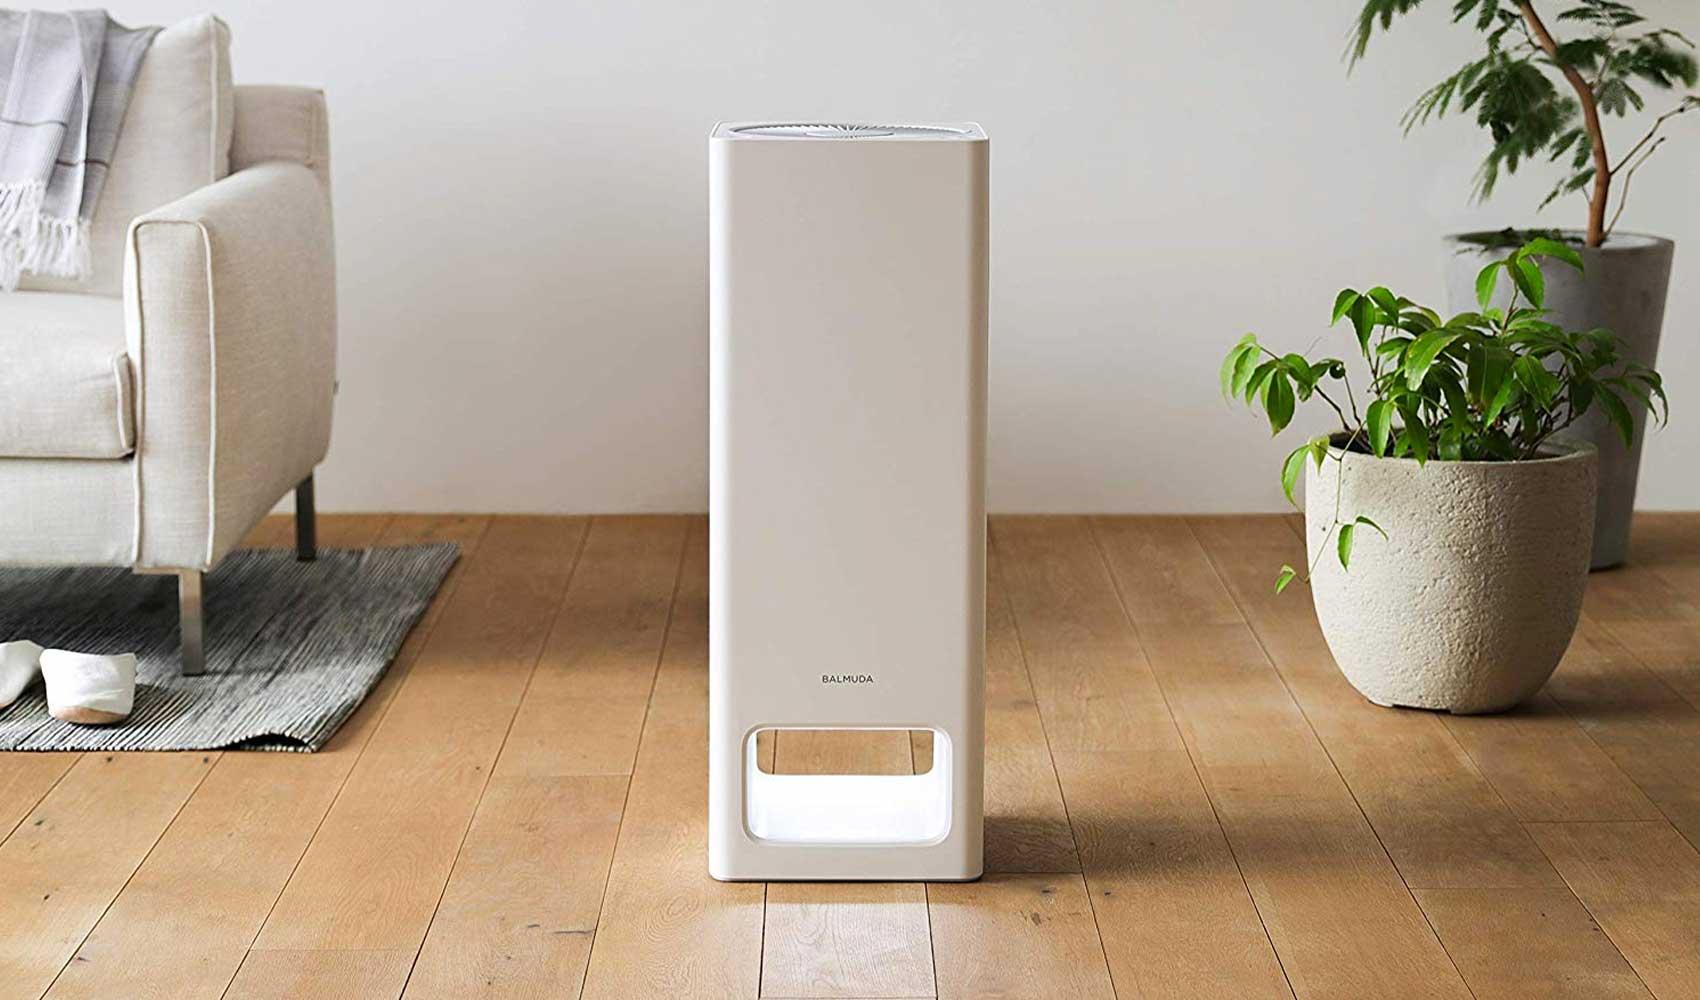 オススメ空気清浄機10選!機能性とデザイン性を兼ね備えた最新モデルをご紹介!